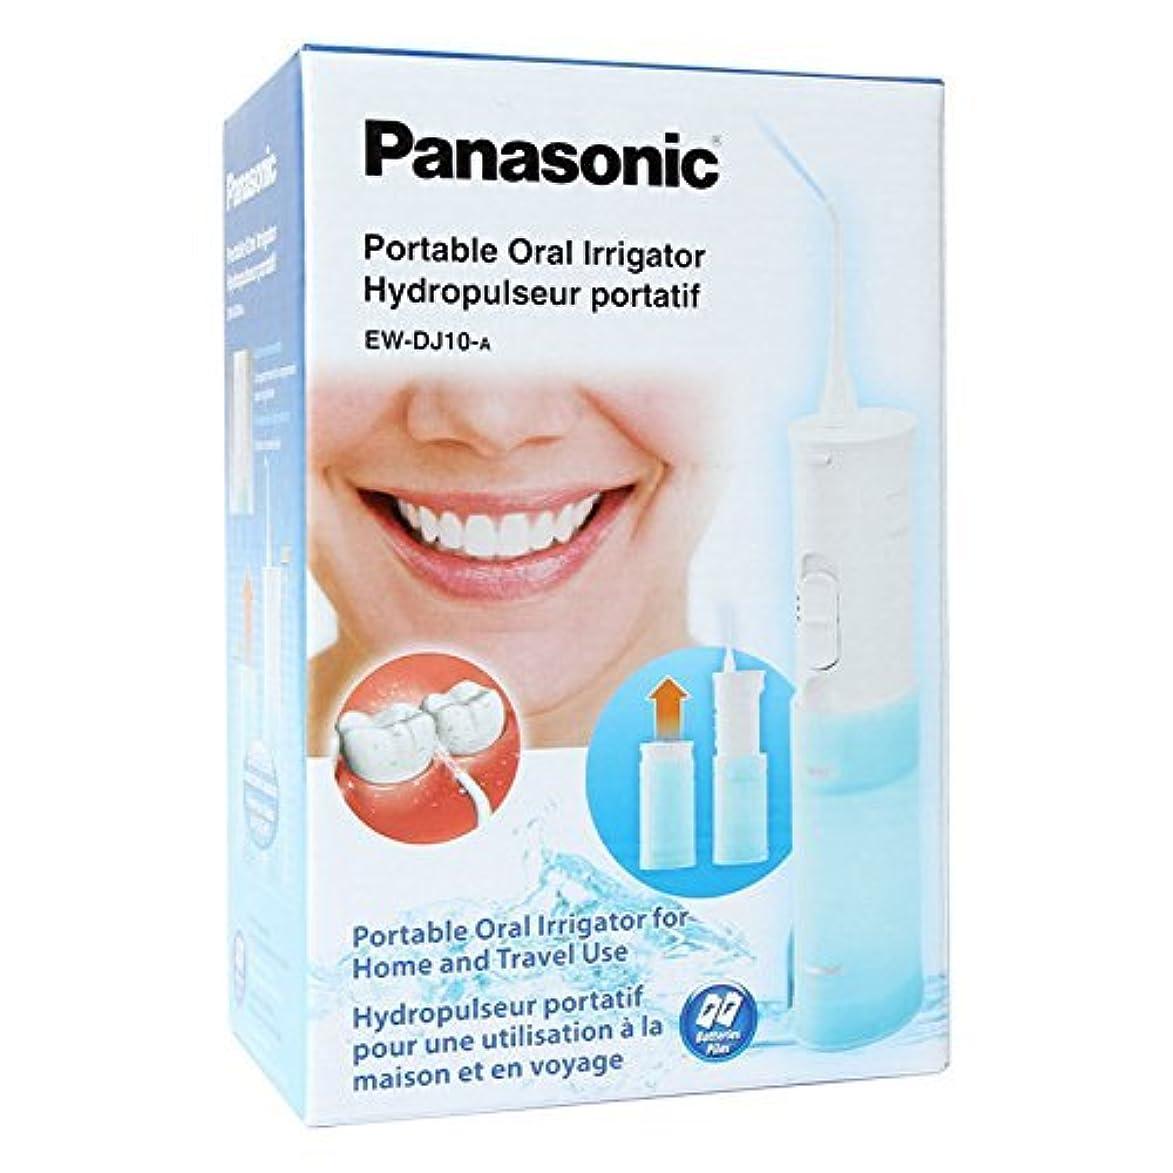 責め維持する案件Panasonic Oral Irrigator EW-DJ10-A ポータブル経口 Irrigator Hydropulseur portatif EWDJ10 [並行輸入品]